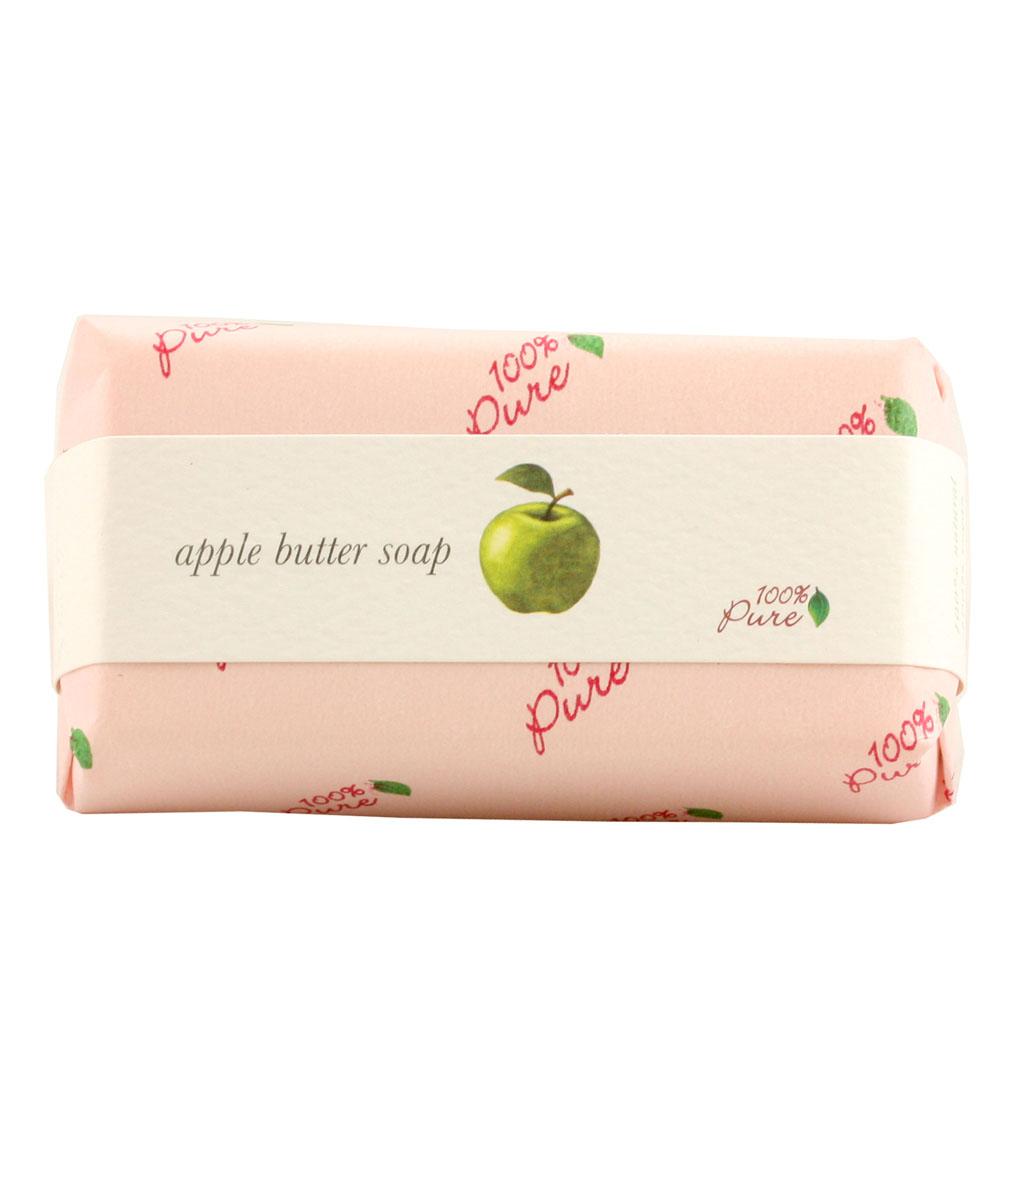 100% Pure Крем-мыло Яблоко, 127 г1BSOAЭто натуральное растительное мыло создано на основе масла Ши и кокосового масла, которые, как известно, увлажняют и защищают кожу. Обильная , нежная пена дарит бесконечное удовольствие при принятии ванны.